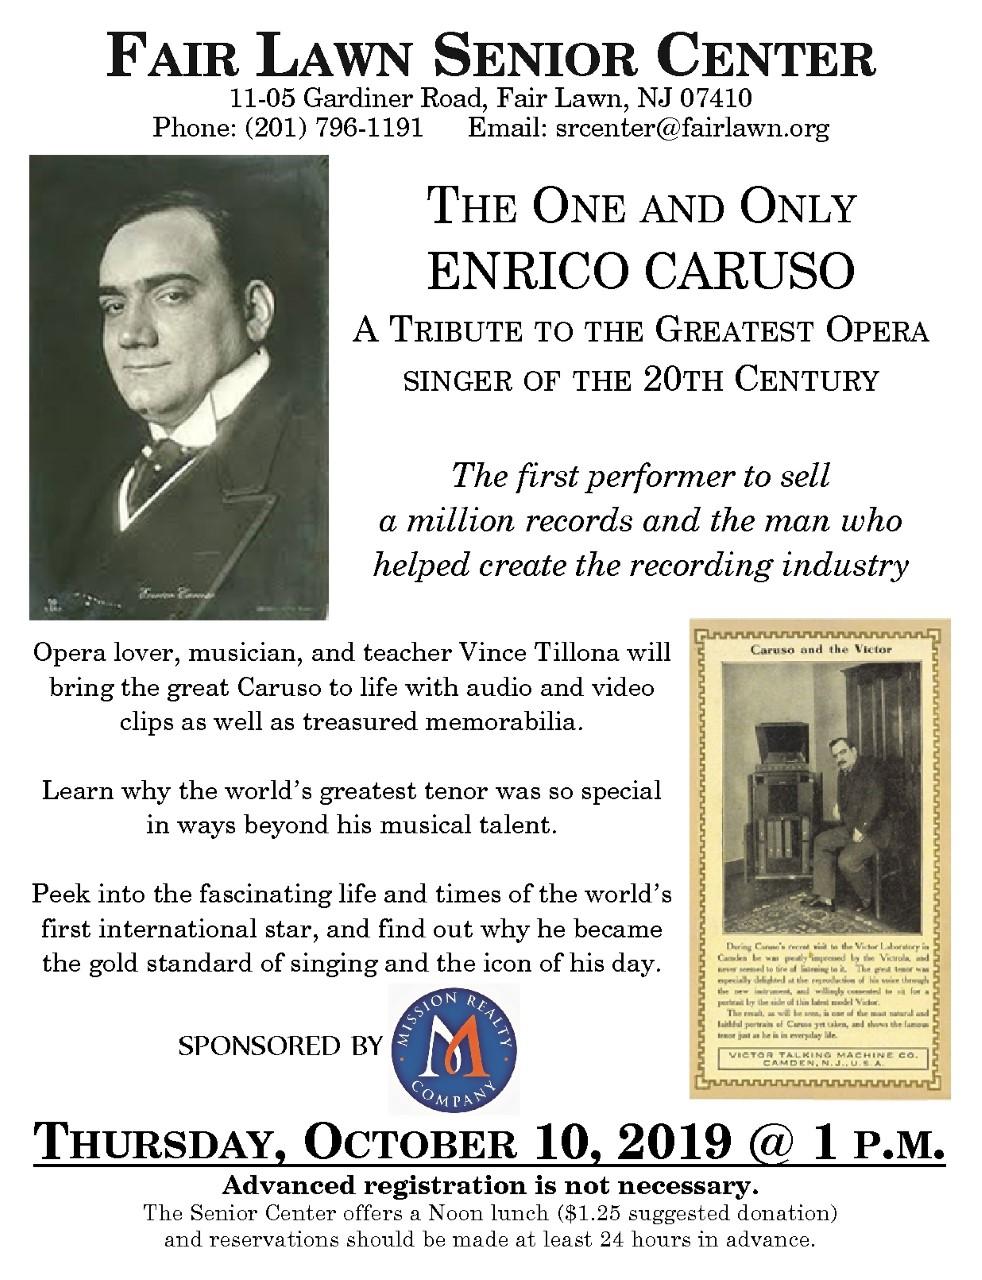 Opera FL Senior Center October 10